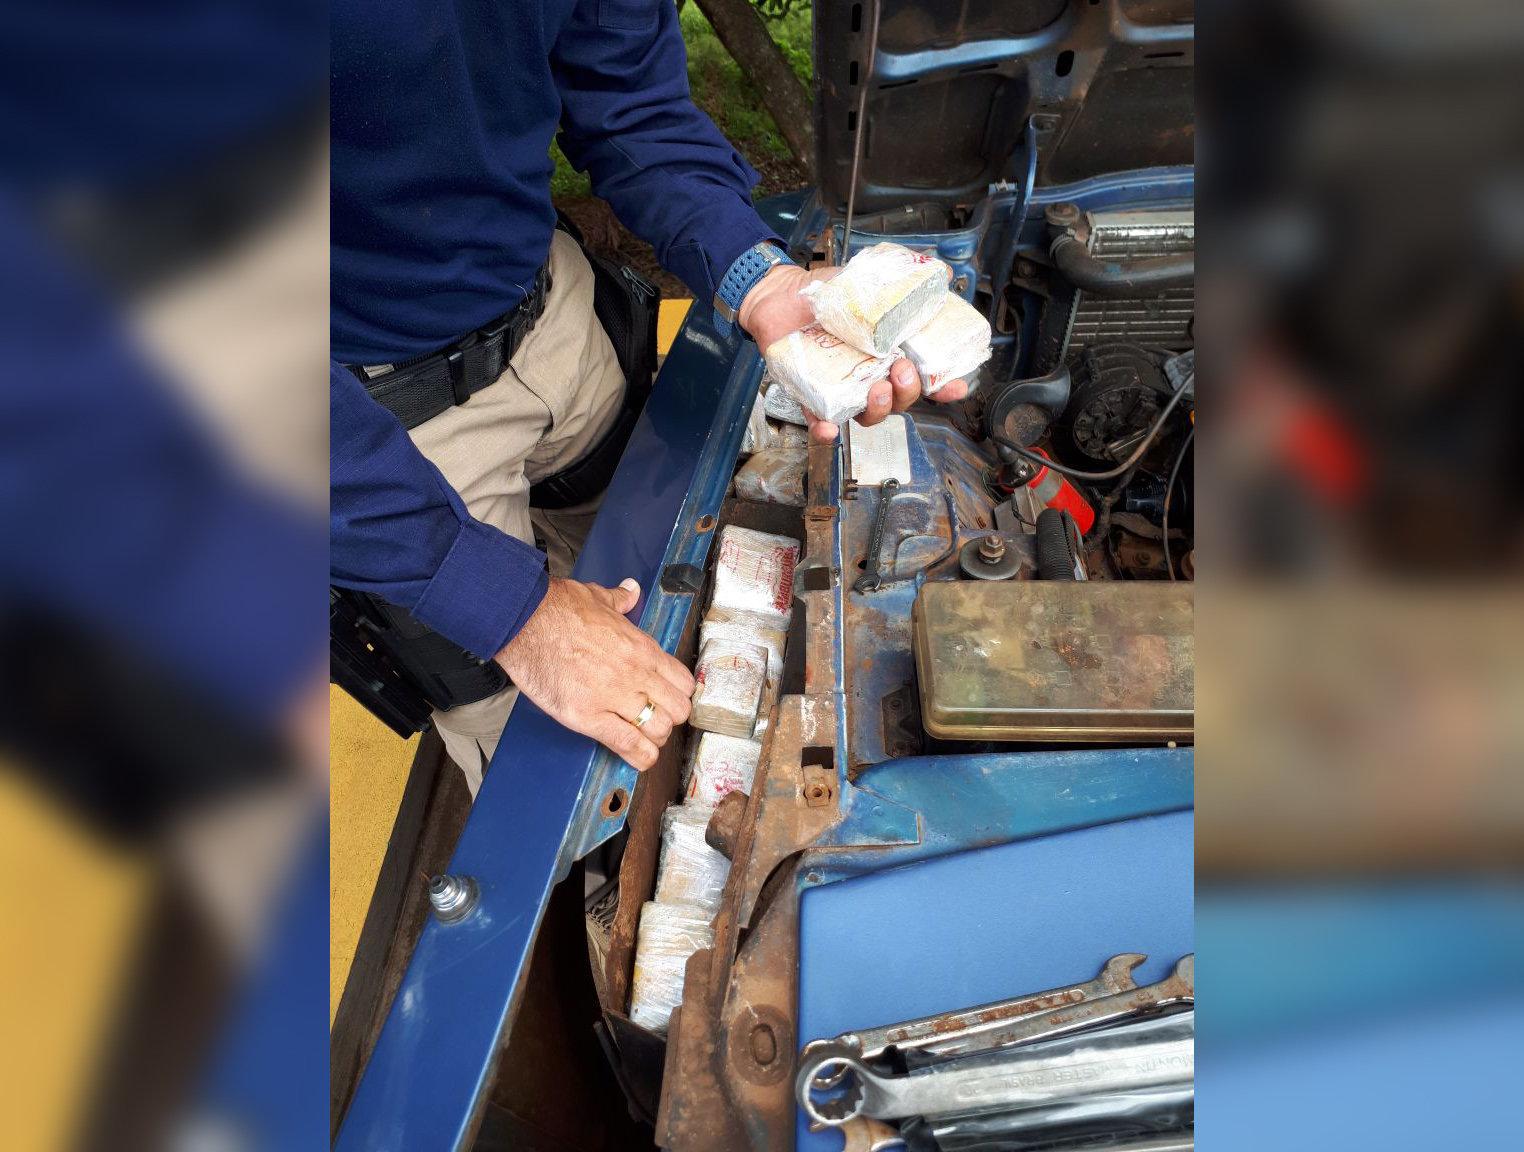 Com droga no para-lama, casal é preso traficando do Paraguai para Goiânia | Foto: Divulgação/ PRF